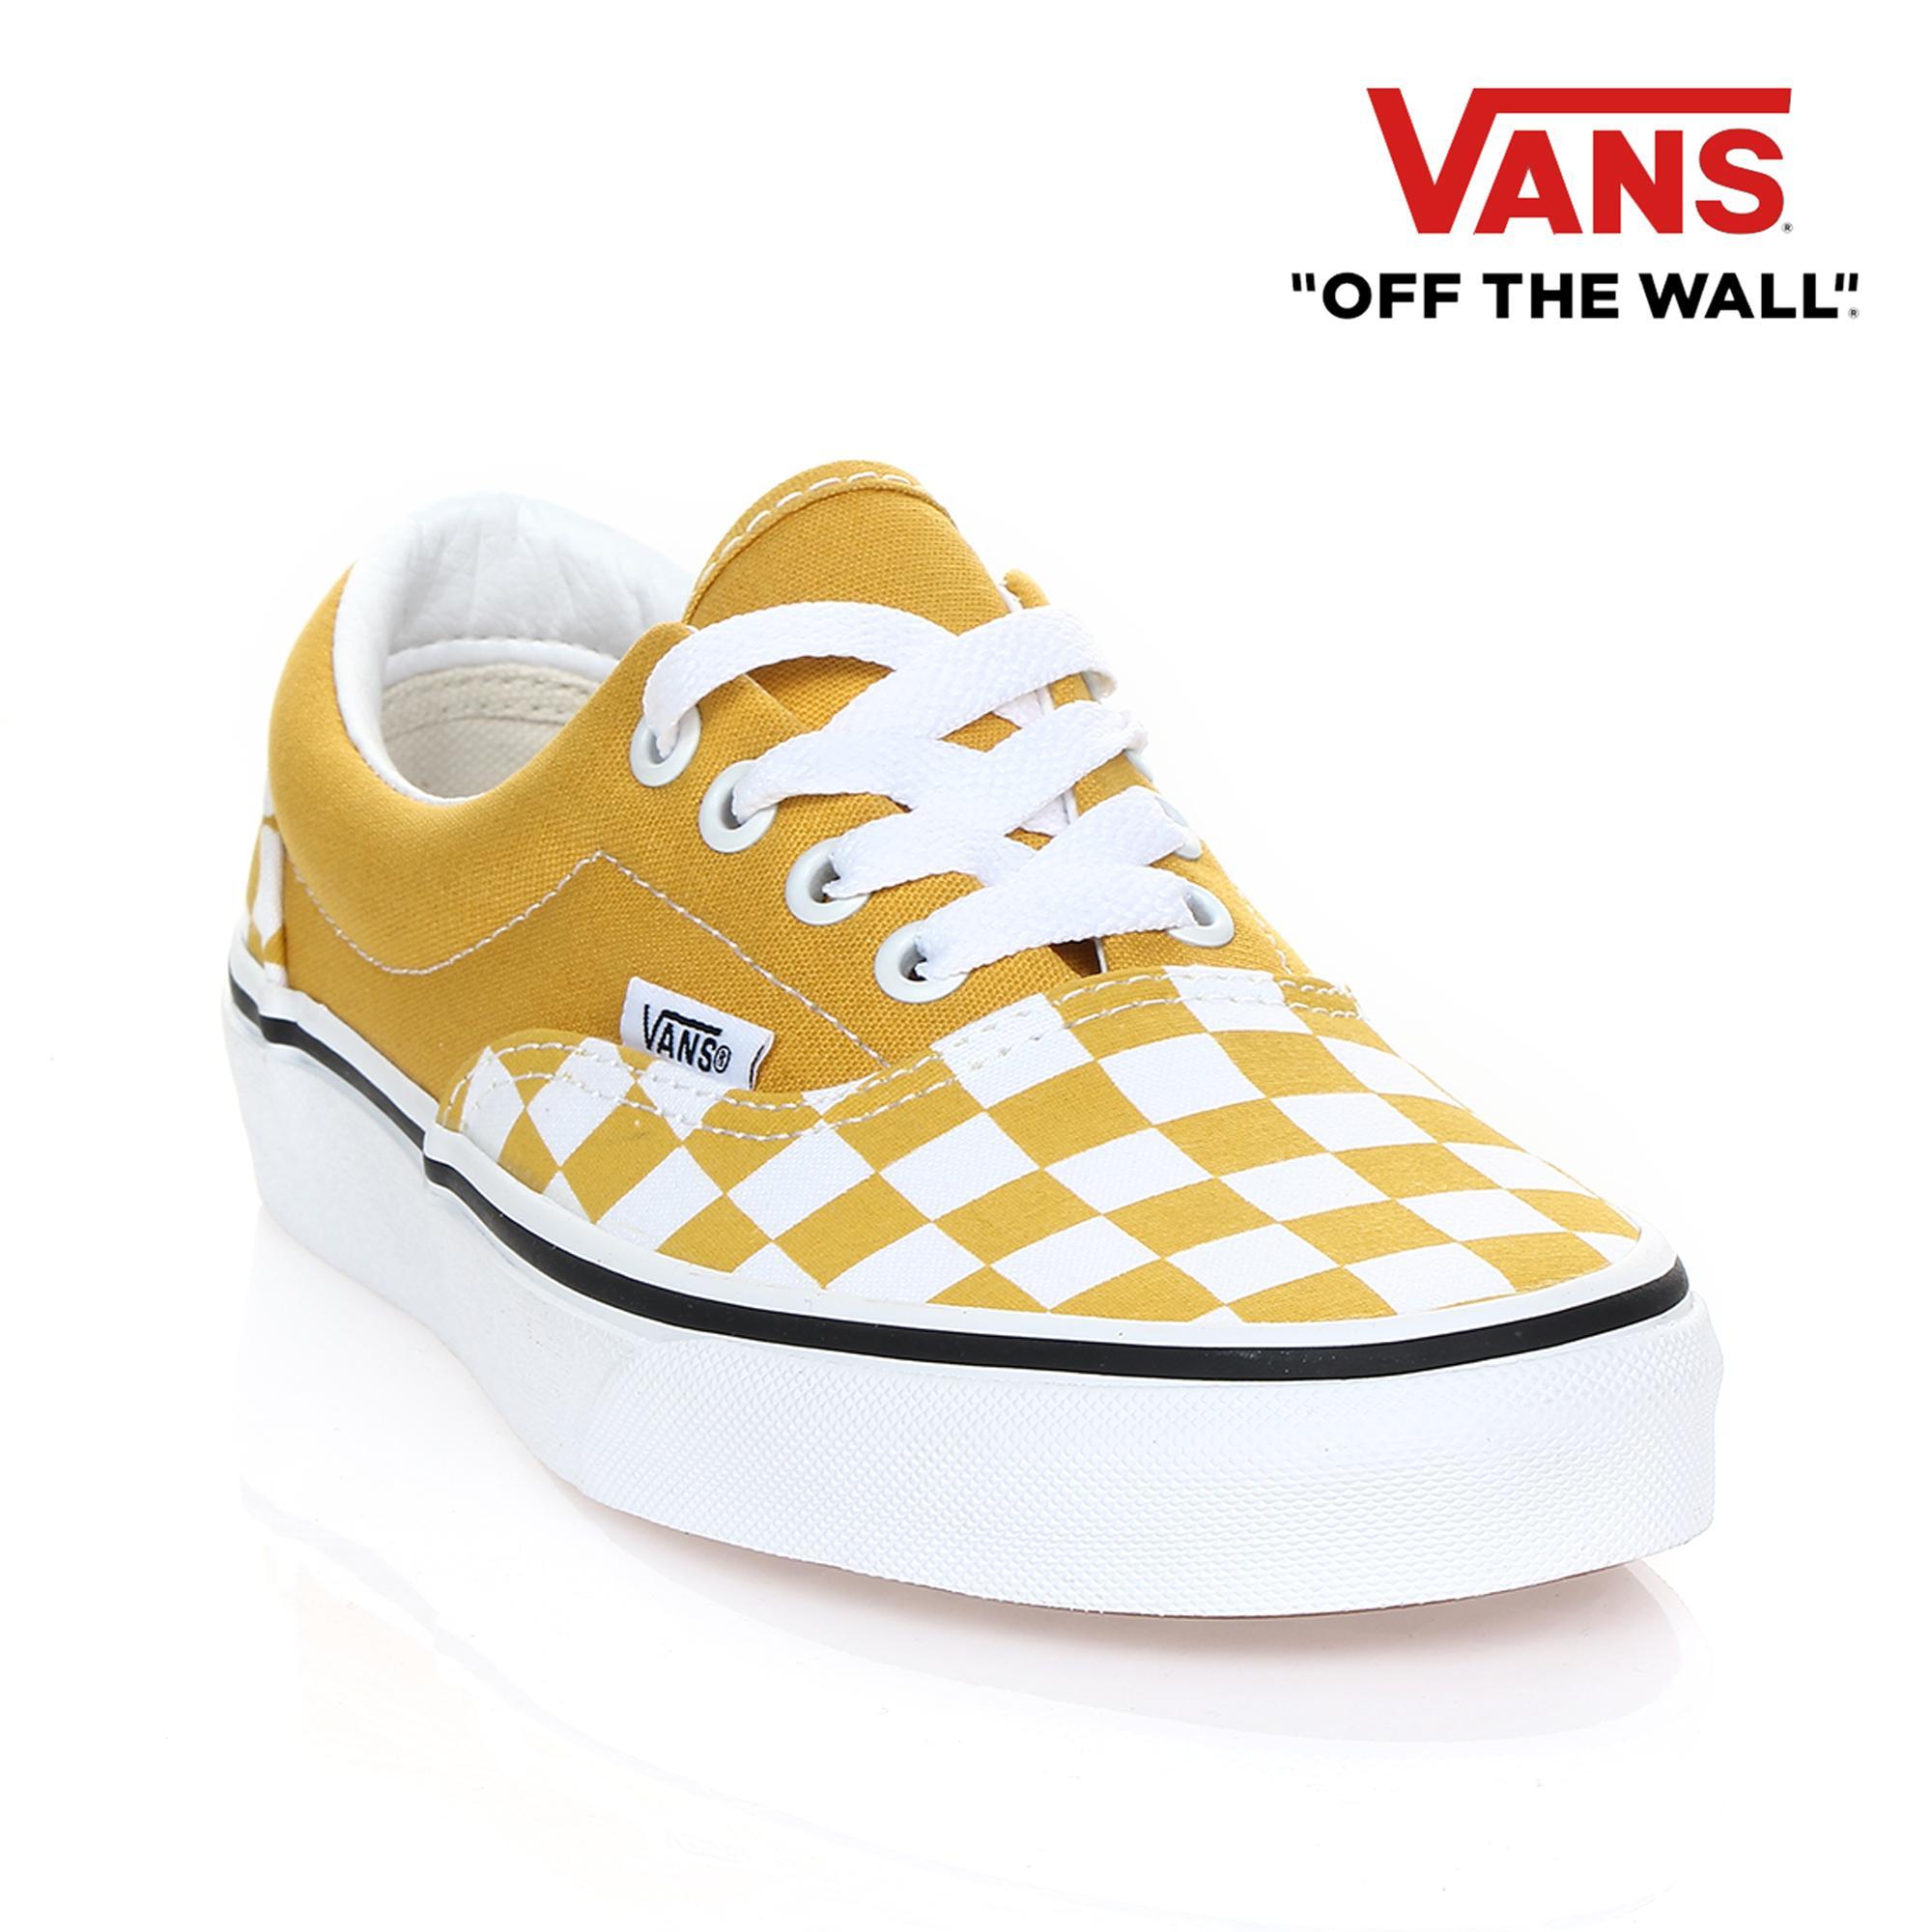 Vans Women's Era Checkerboard Sneakers